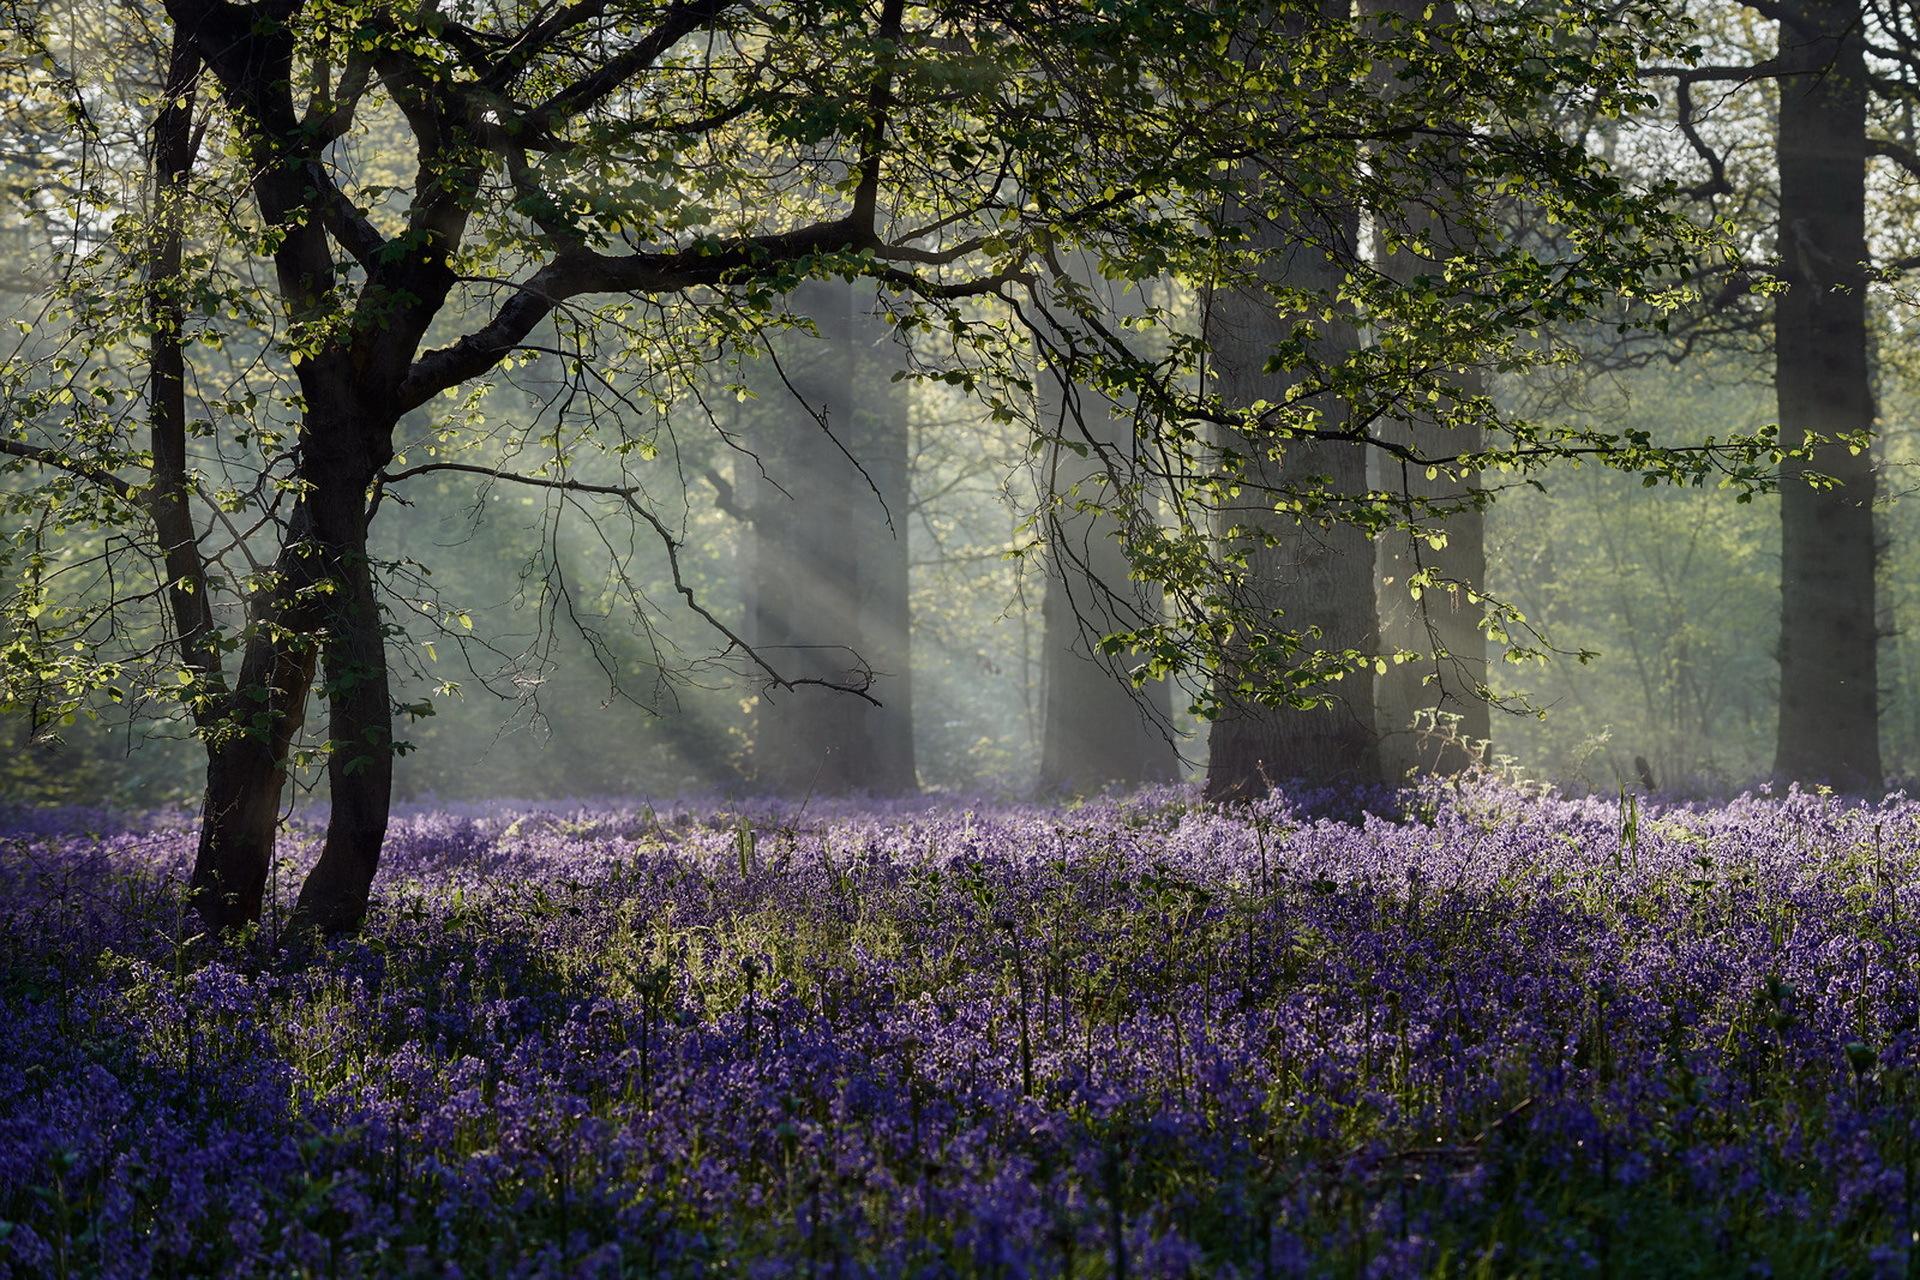 красивые картинки весенние лес образы функции отличаются